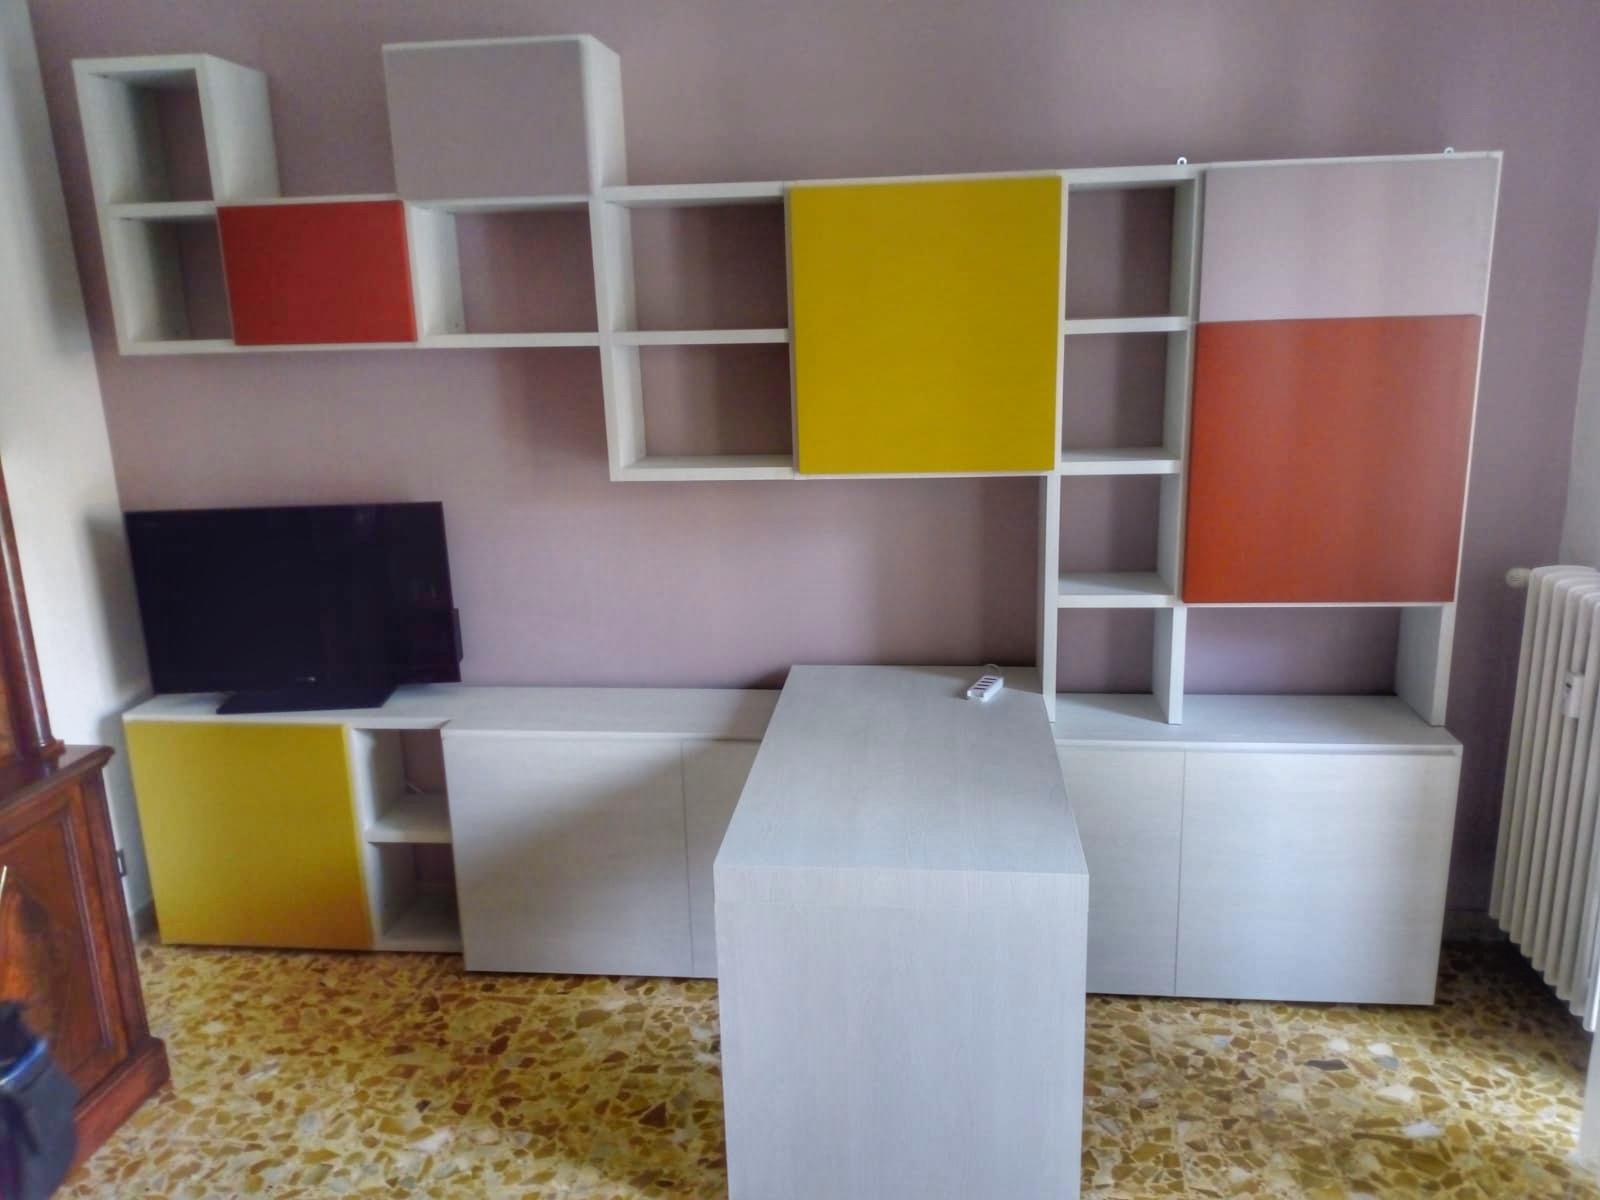 progettazione_mobile_tv_sara_rombola_pink_house_torino_2